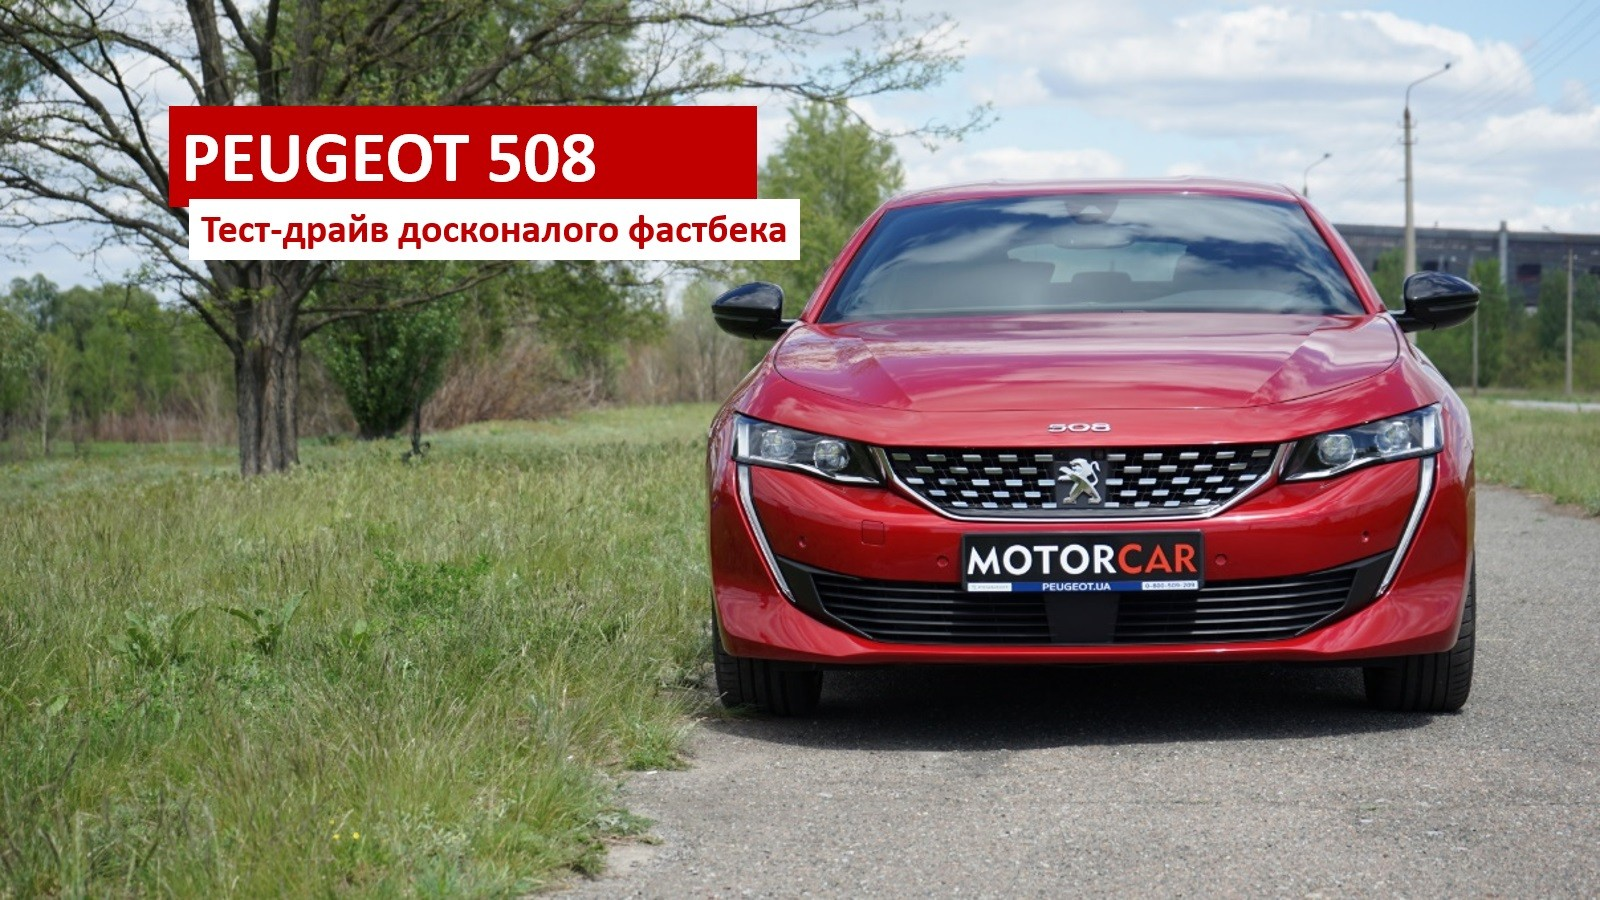 Peugeot 508 фастбек огляд тест-драйв